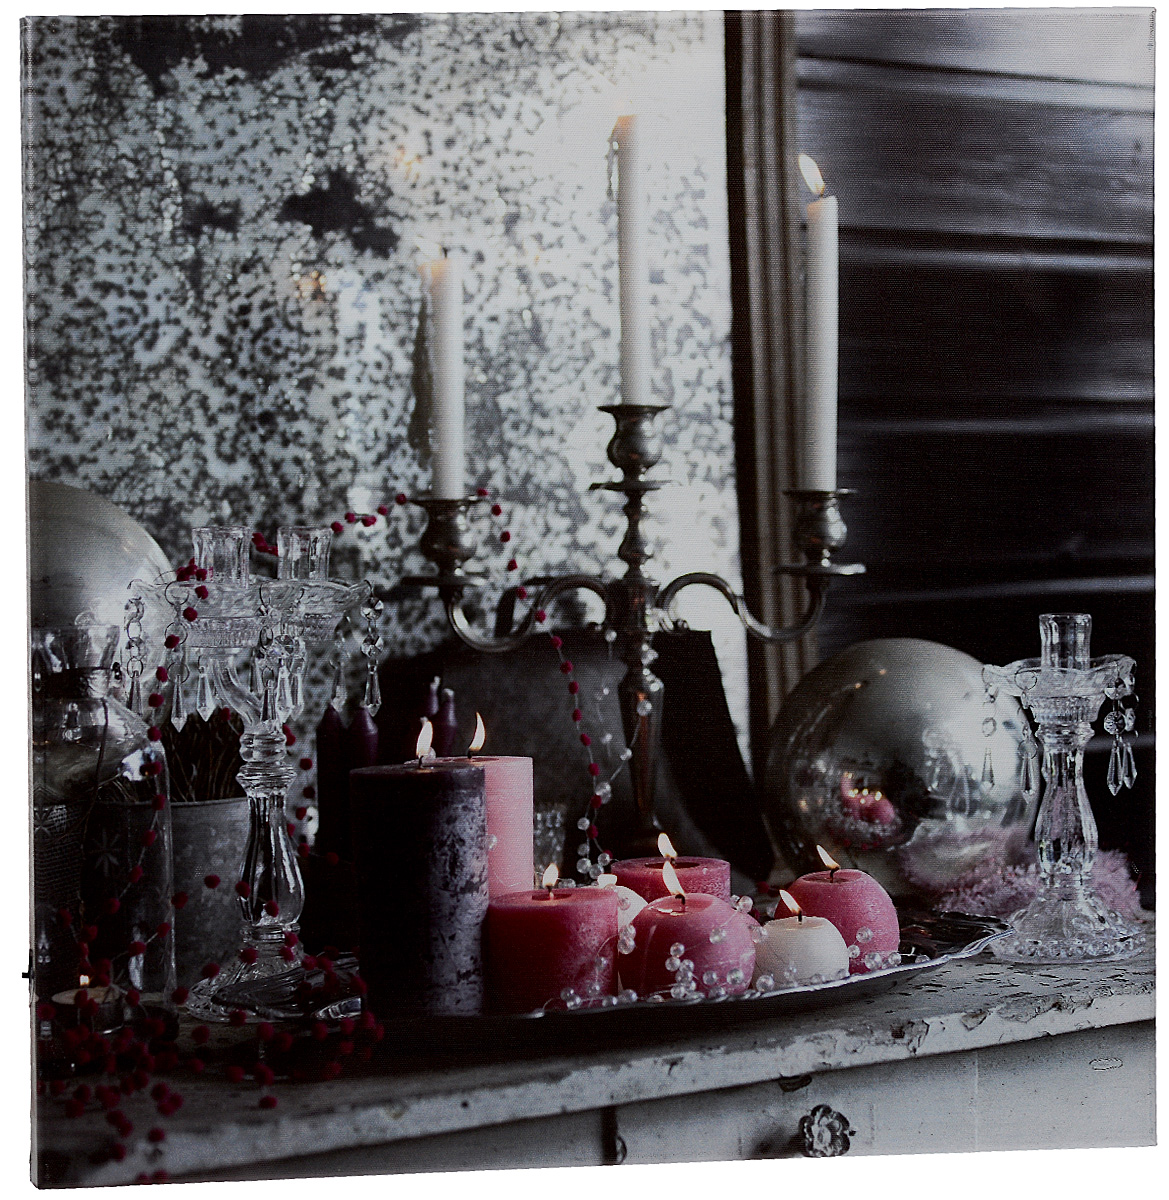 Картина MTH Праздничная декорация, со светодиодами, 50 х 50 см12723Картина MTH Праздничная декорация выполнена на основе из МДФ, обтянутой холстом.Изделие оснащено светодиодами. Их теплый мерцающий в темноте светоживит ваш дом и добавит ему уюта. На картине изображены свечи. Благодаря светодиодной подсветке создается ощущение, что теплый свет, исходящий от свечей, действительно может согревать. С оборотной стороны картина оснащена специальным отверстием для подвешивания на стену.Необычная картина придаст интерьеру невероятного шарма и оригинальности.Рисунок успокаивает нервную систему, помогая расслабиться и отвлечься отповседневных забот. Подсветка работает от 2 батареек типа АА напряжением 1,5V (в комплект не входят).